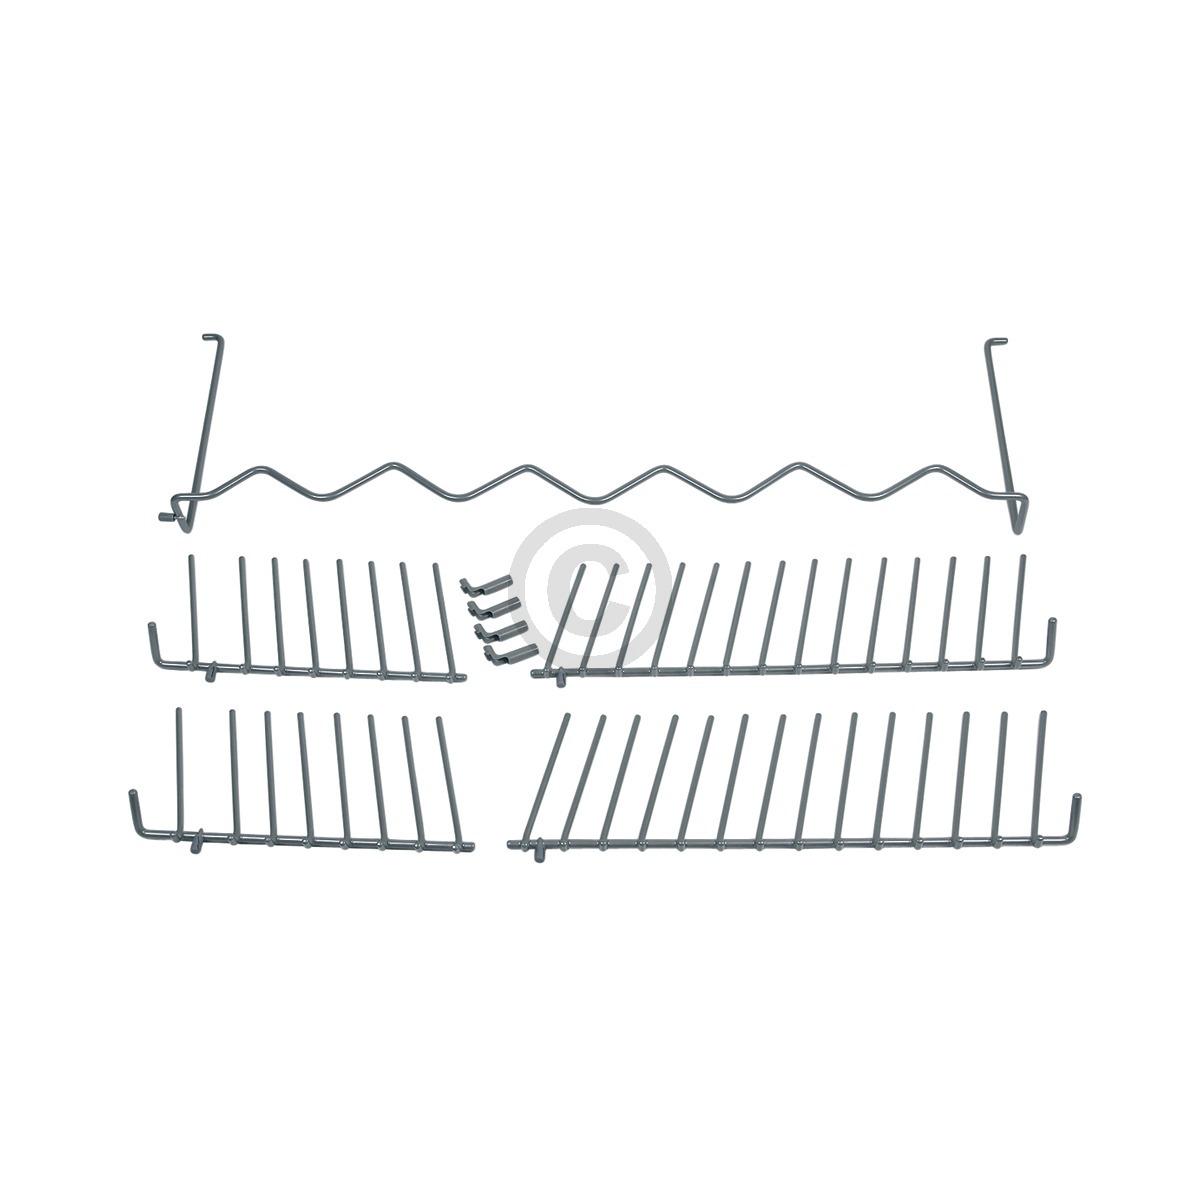 Unterkorbeinsätze Siemens 00432375 Klappstachelreihen für Geschirrspüler